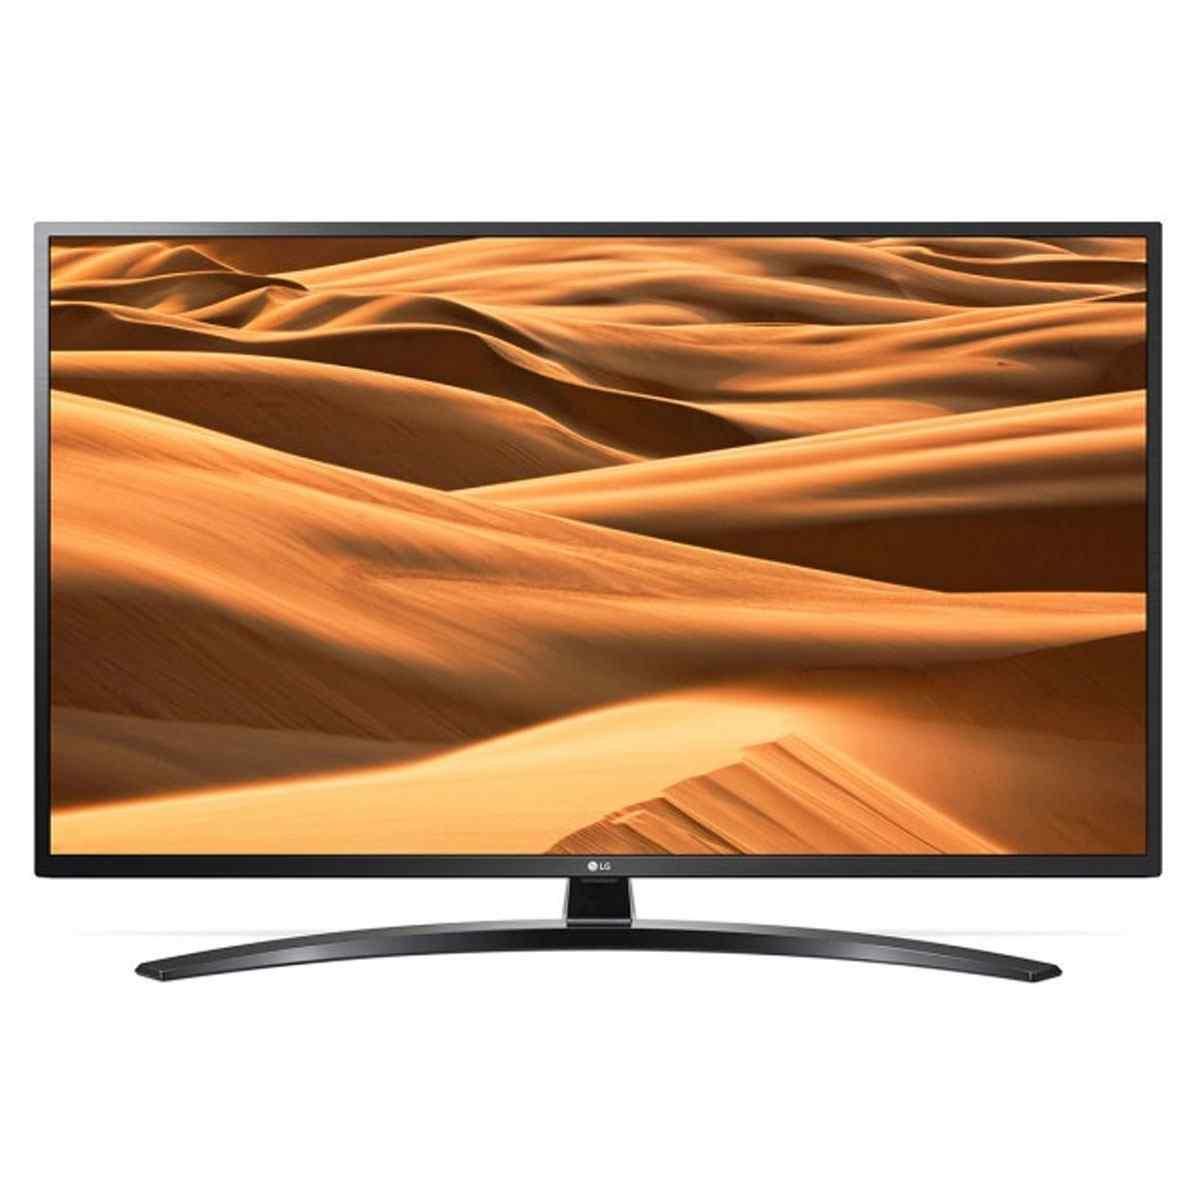 LG 65 Inch HD Smart LED TV (65UM7450)